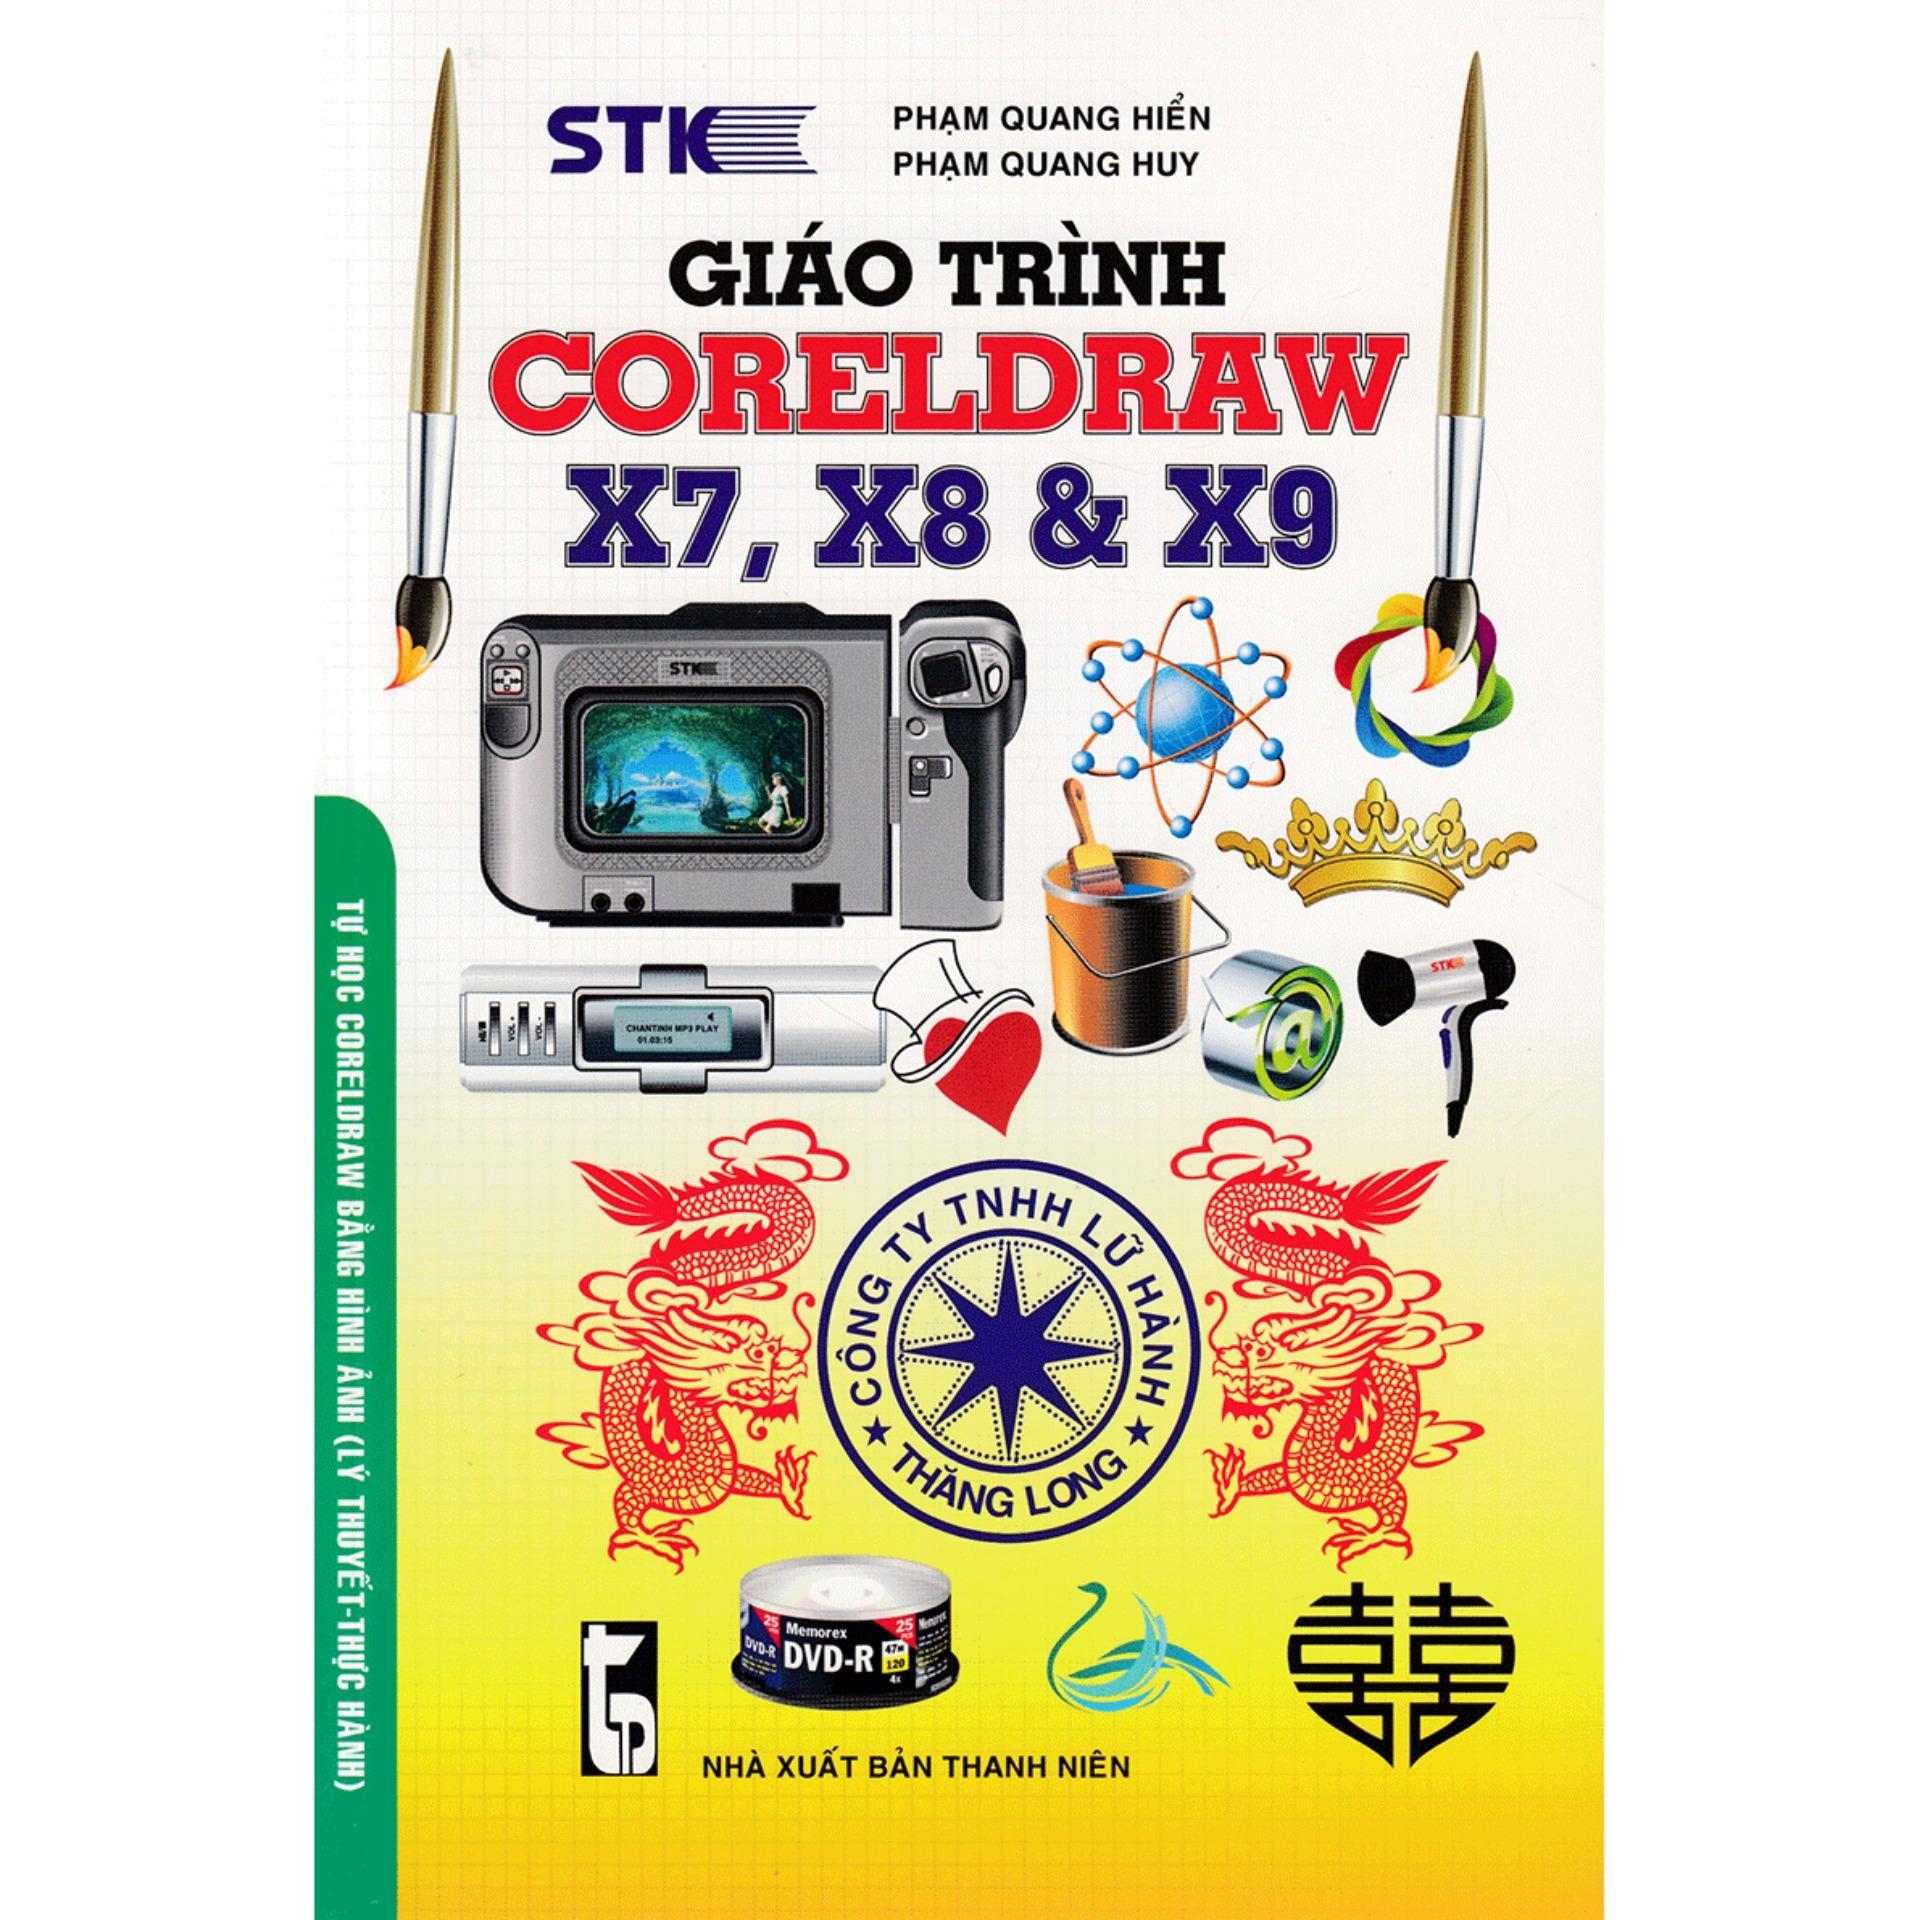 Mua Giáo Trình Coreldraw X7, X8 & X9